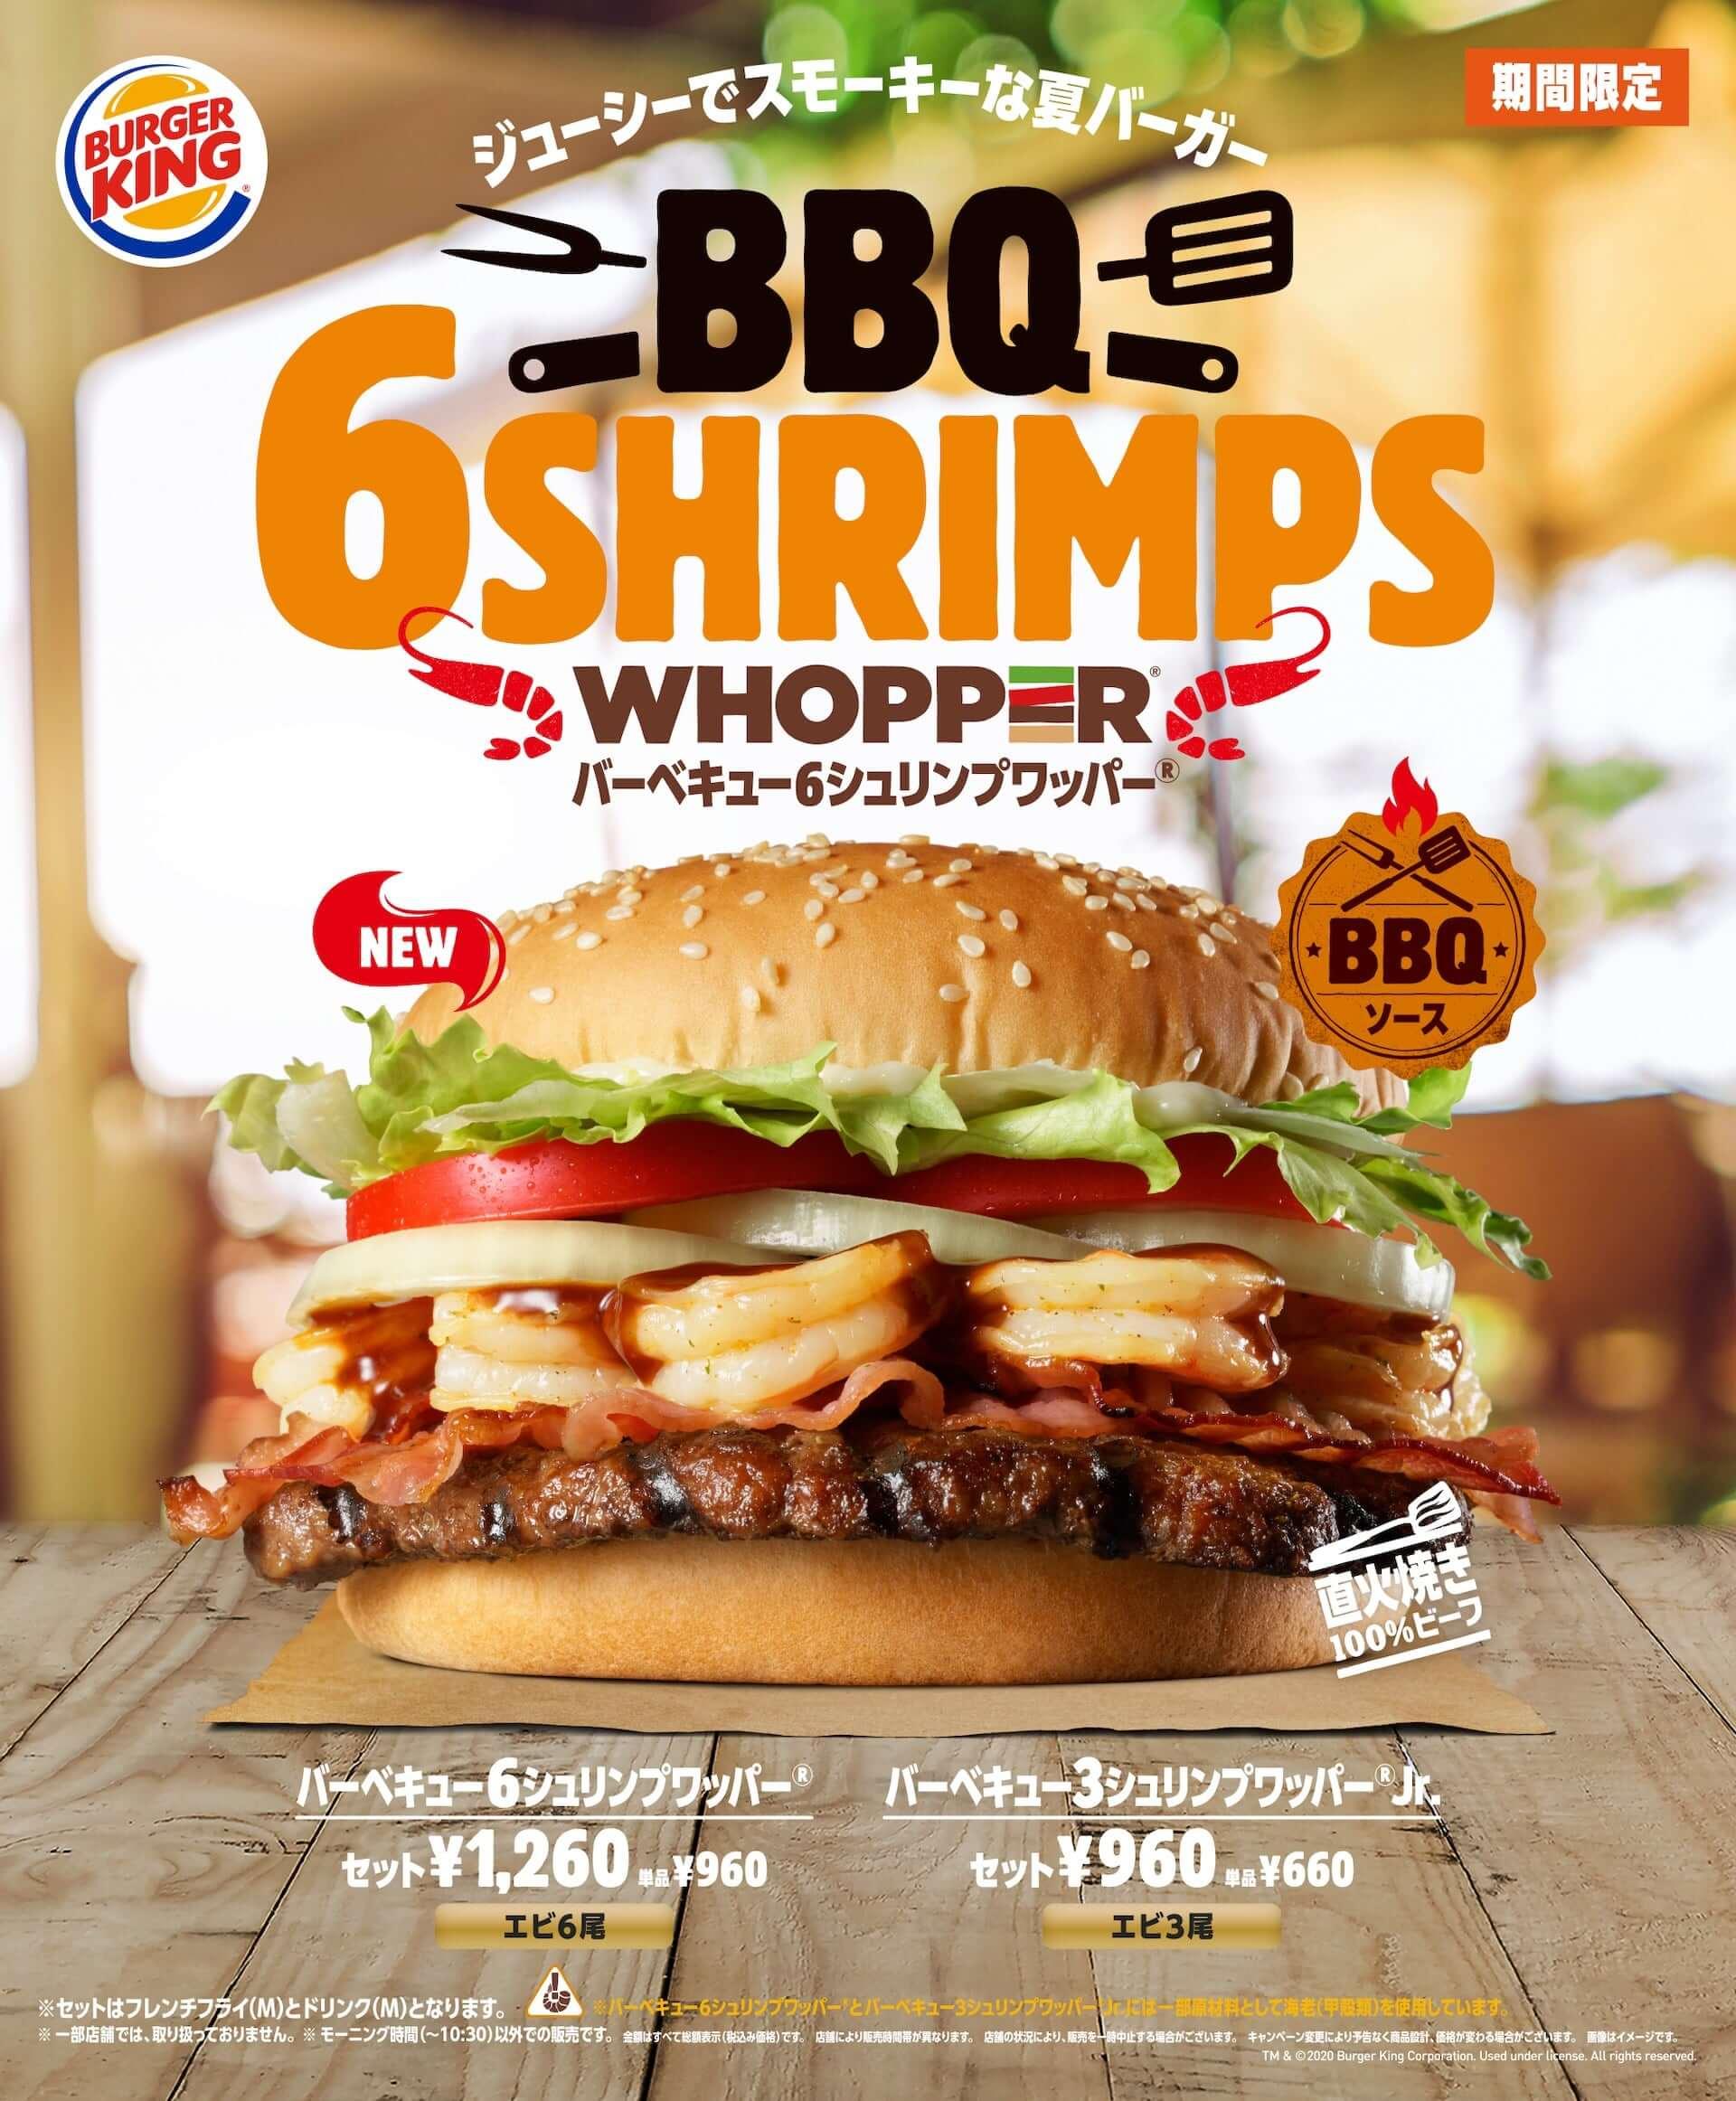 バーガーキングから魚介×牛肉を堪能できる新商品『バーベキュー6シュリンプワッパー(R)』が期間限定で登場!公式アプリではクーポンも配信 gourmet200806_burgerking_3-1920x2324